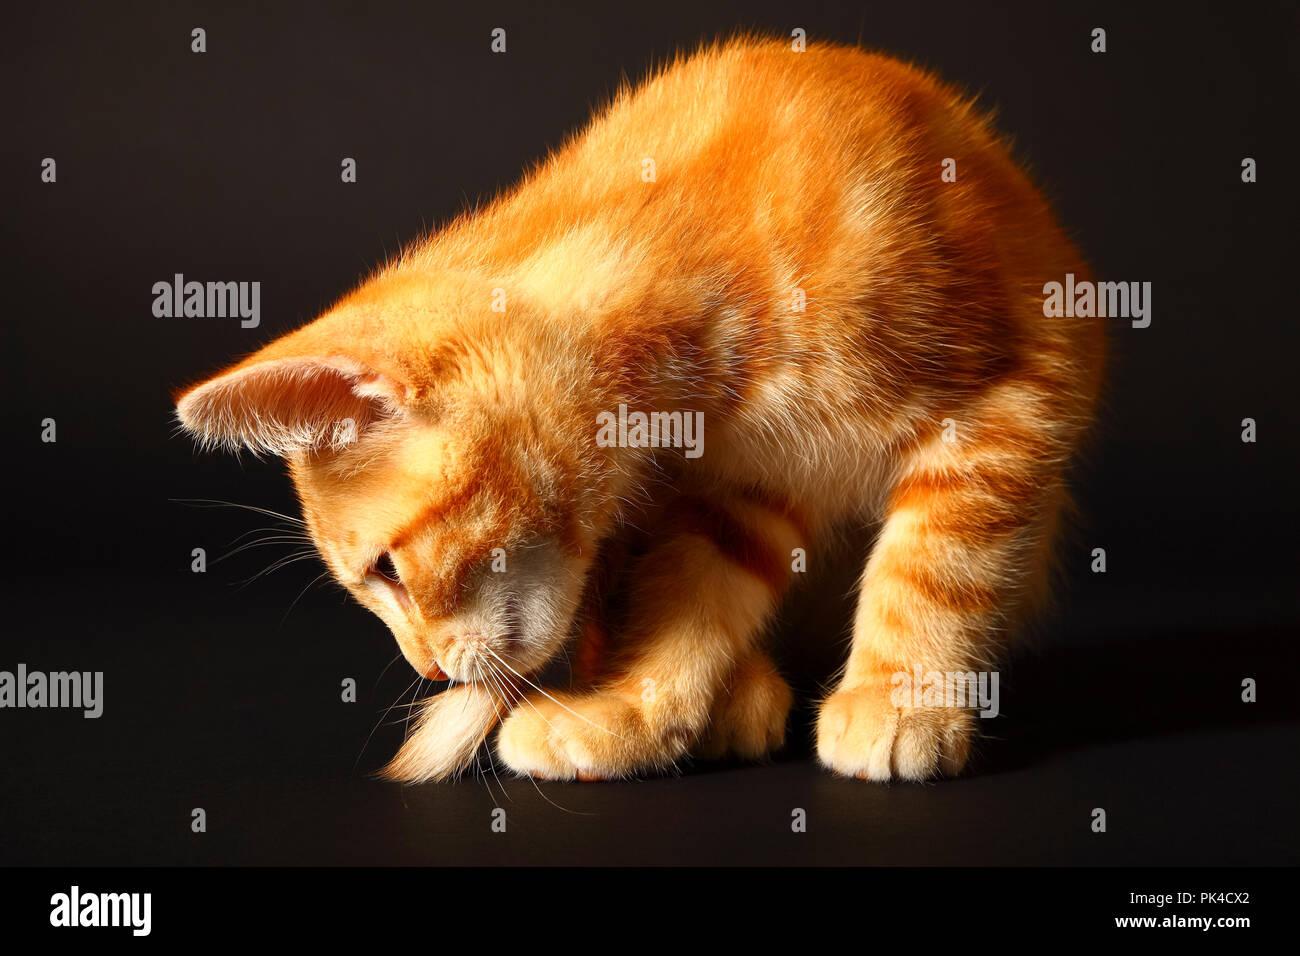 Le gingembre mackerel tabby12 semaine chaton isolé sur un fond noir Banque D'Images